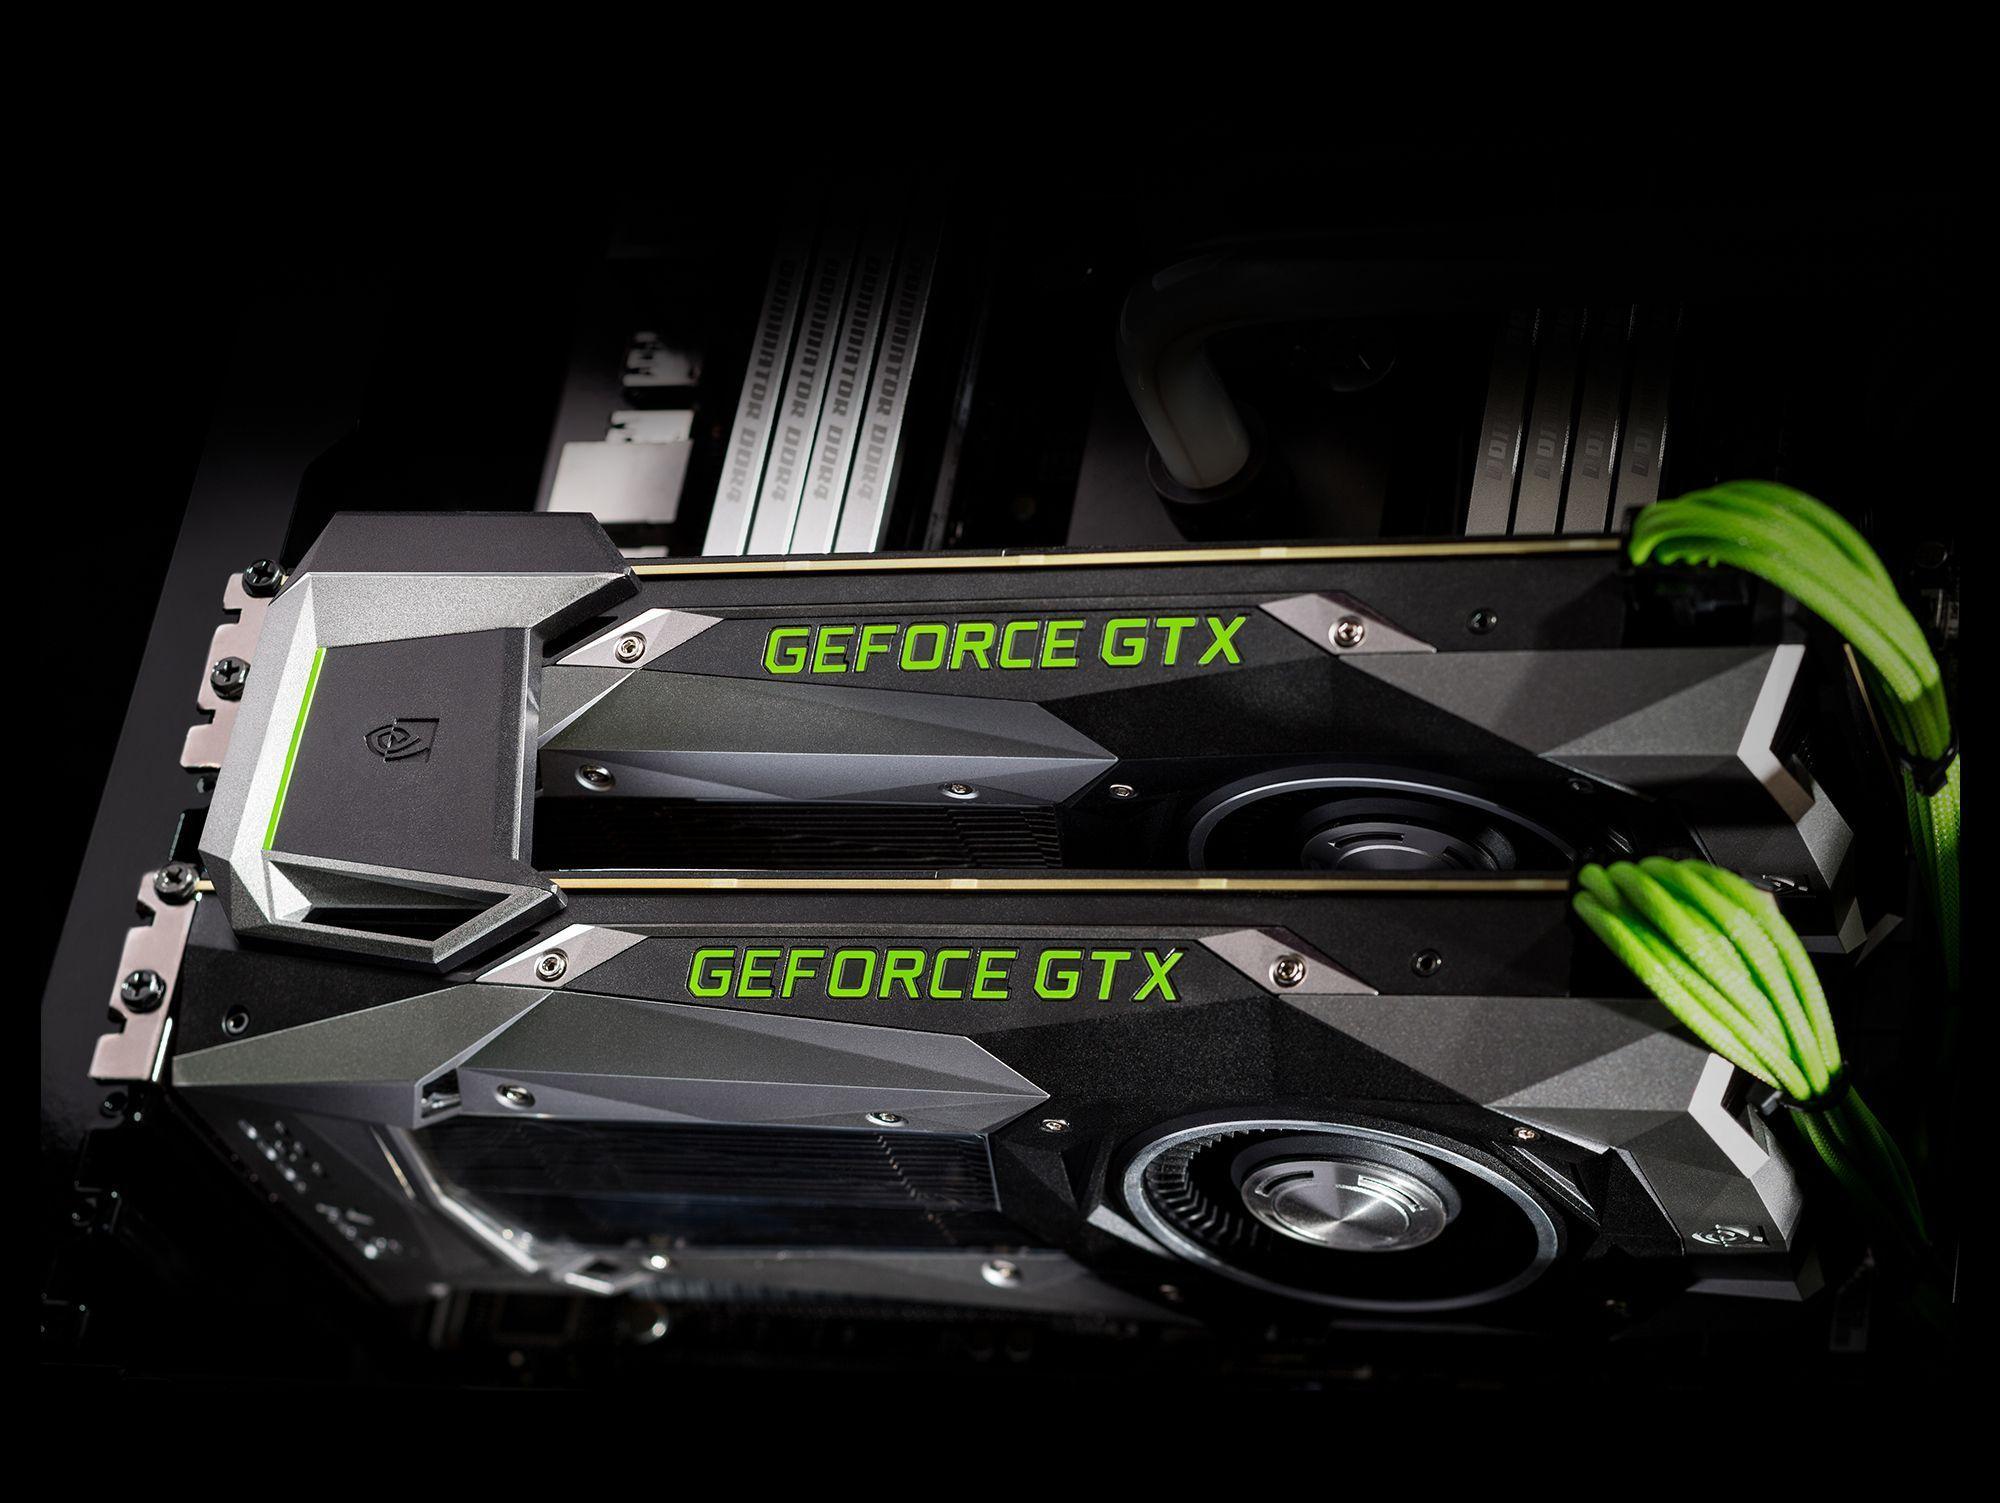 NVIDIA GeForce UK (@NVIDIAGeForceUK) | Twitter